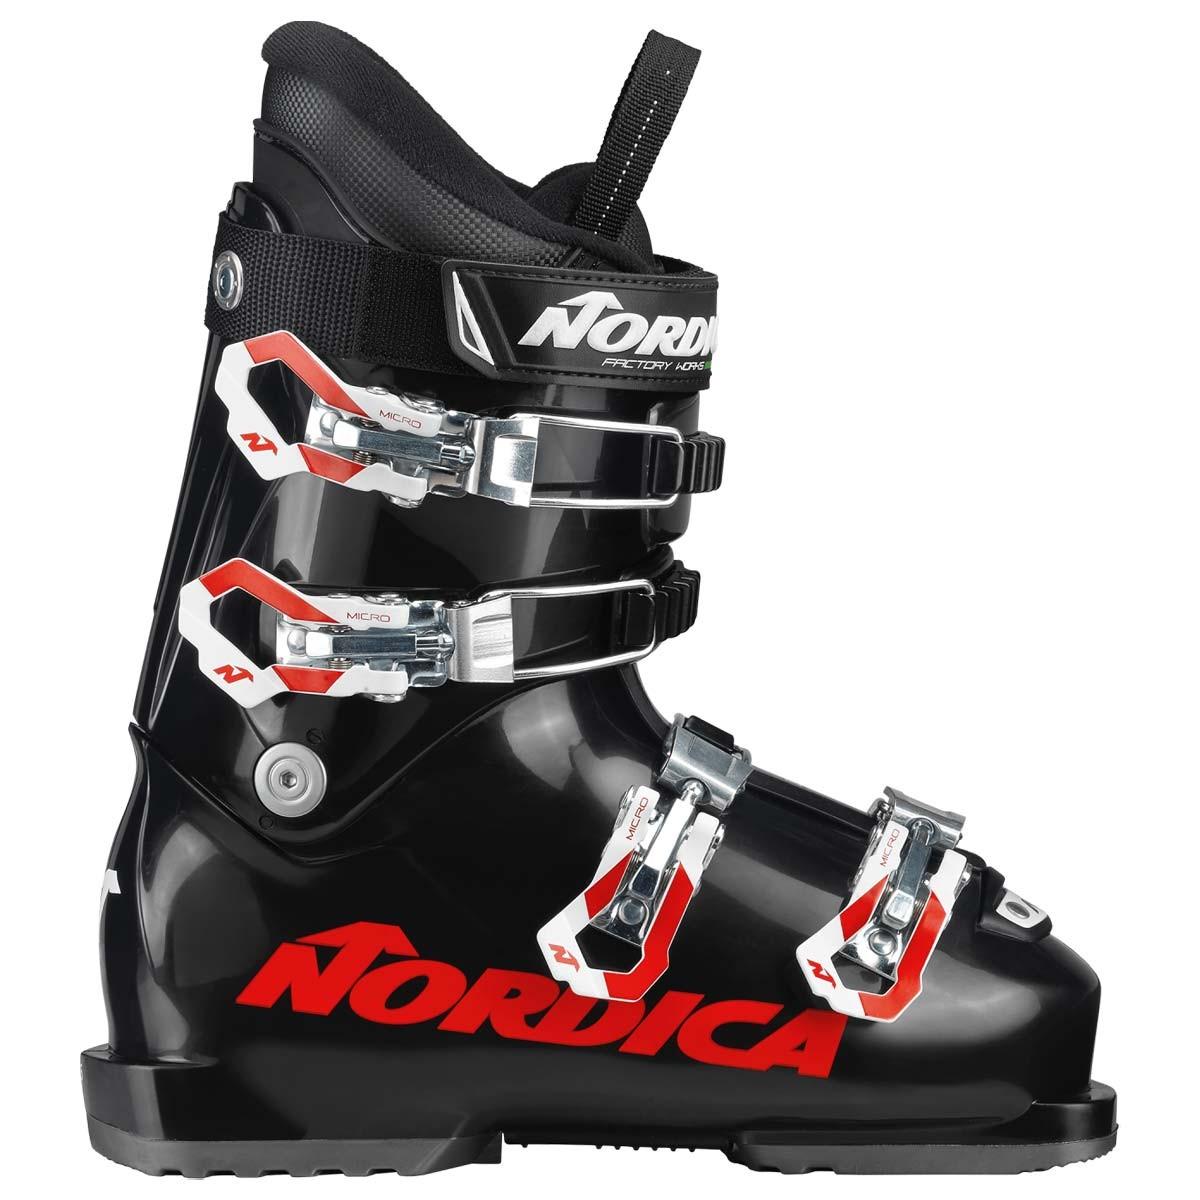 Scarponi da sci da bambino Nordica Dobermann GP 60 (Colore: Black, Taglia: 20)